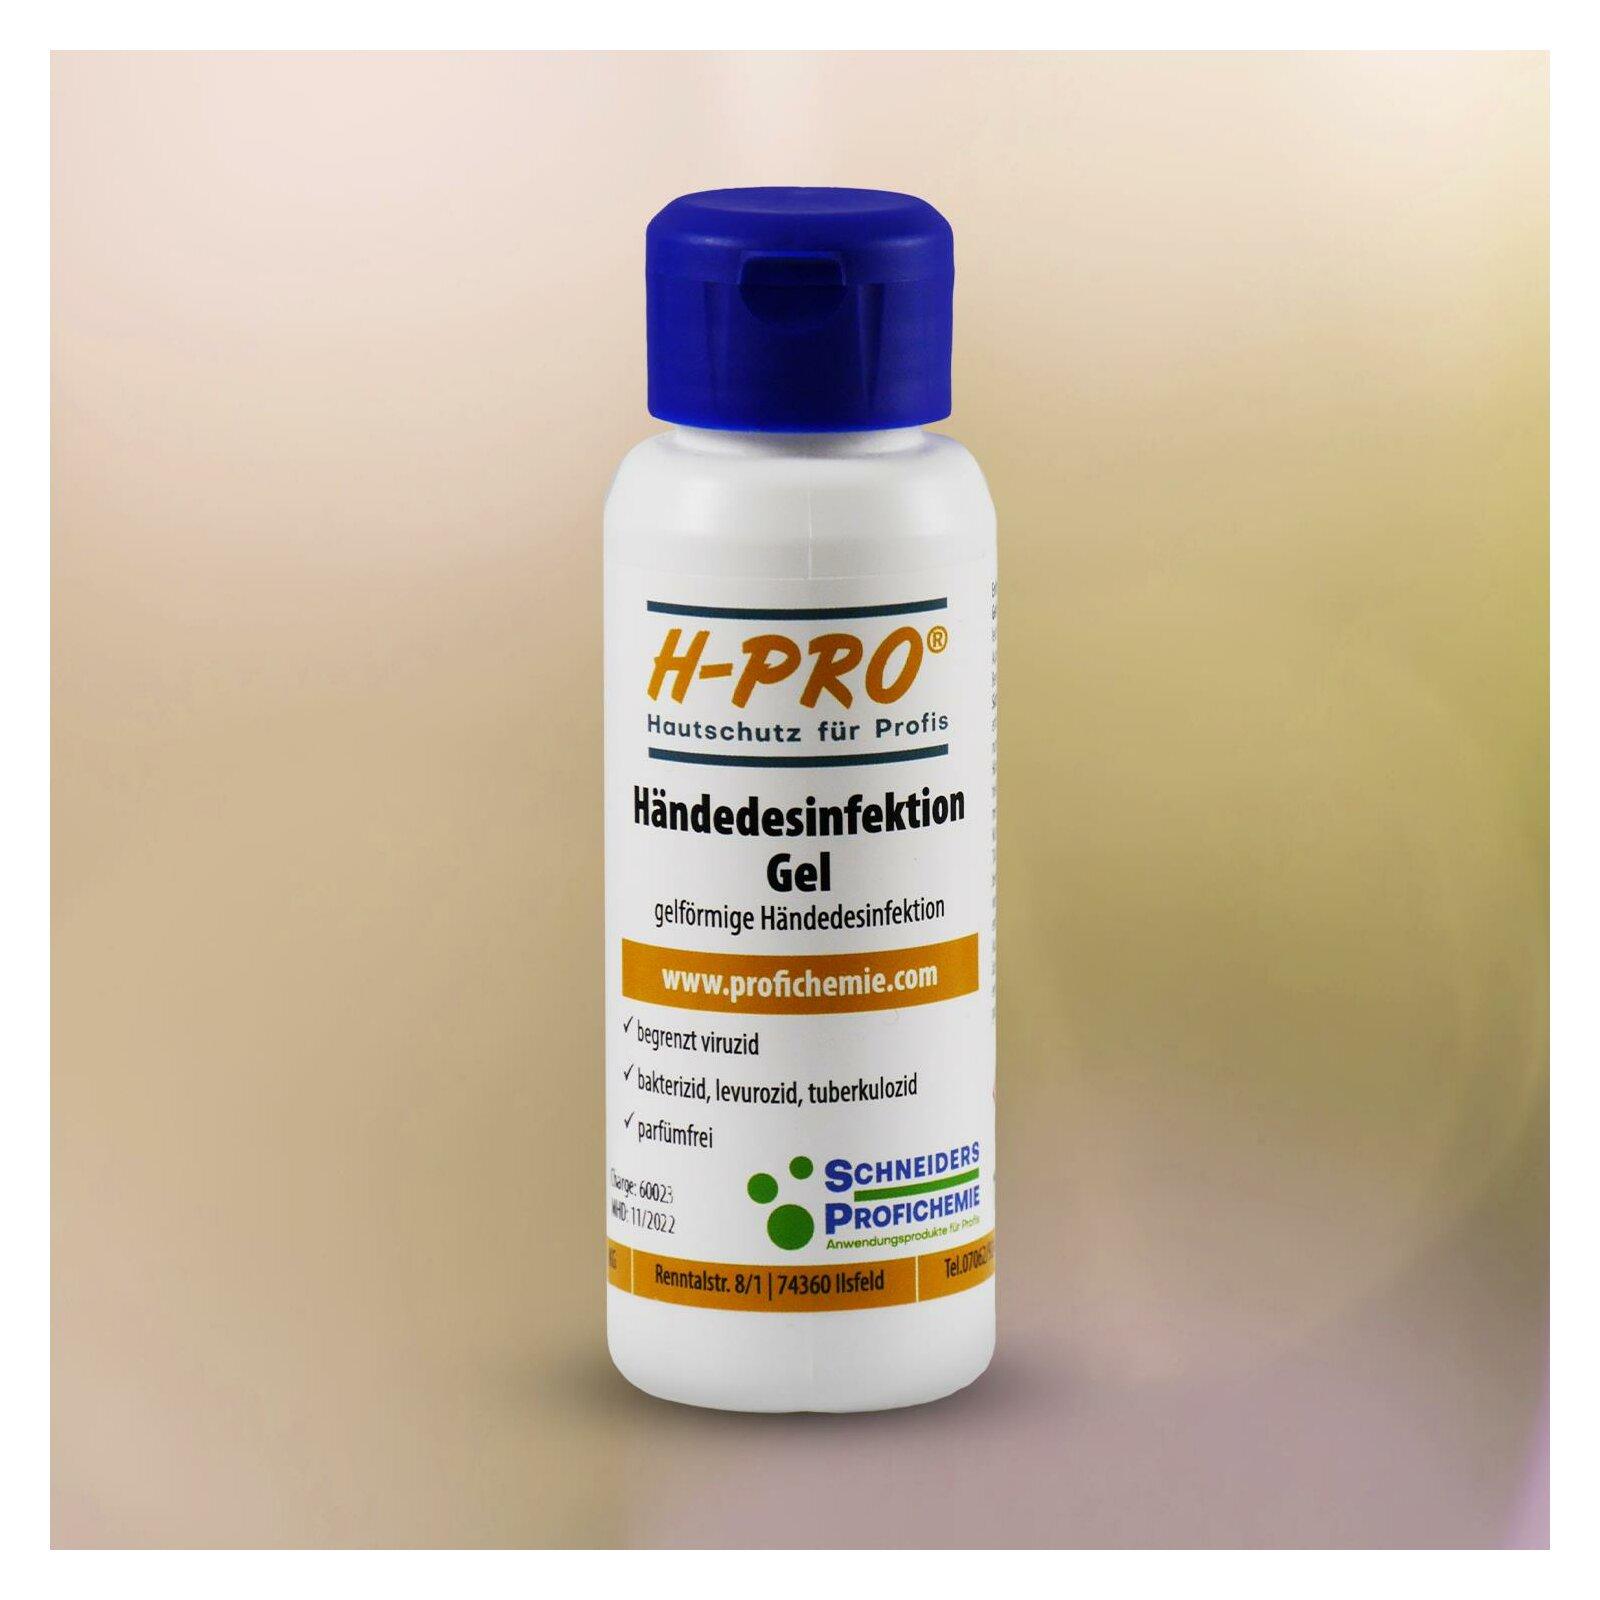 HPro(R) Händedesinfektion Gel